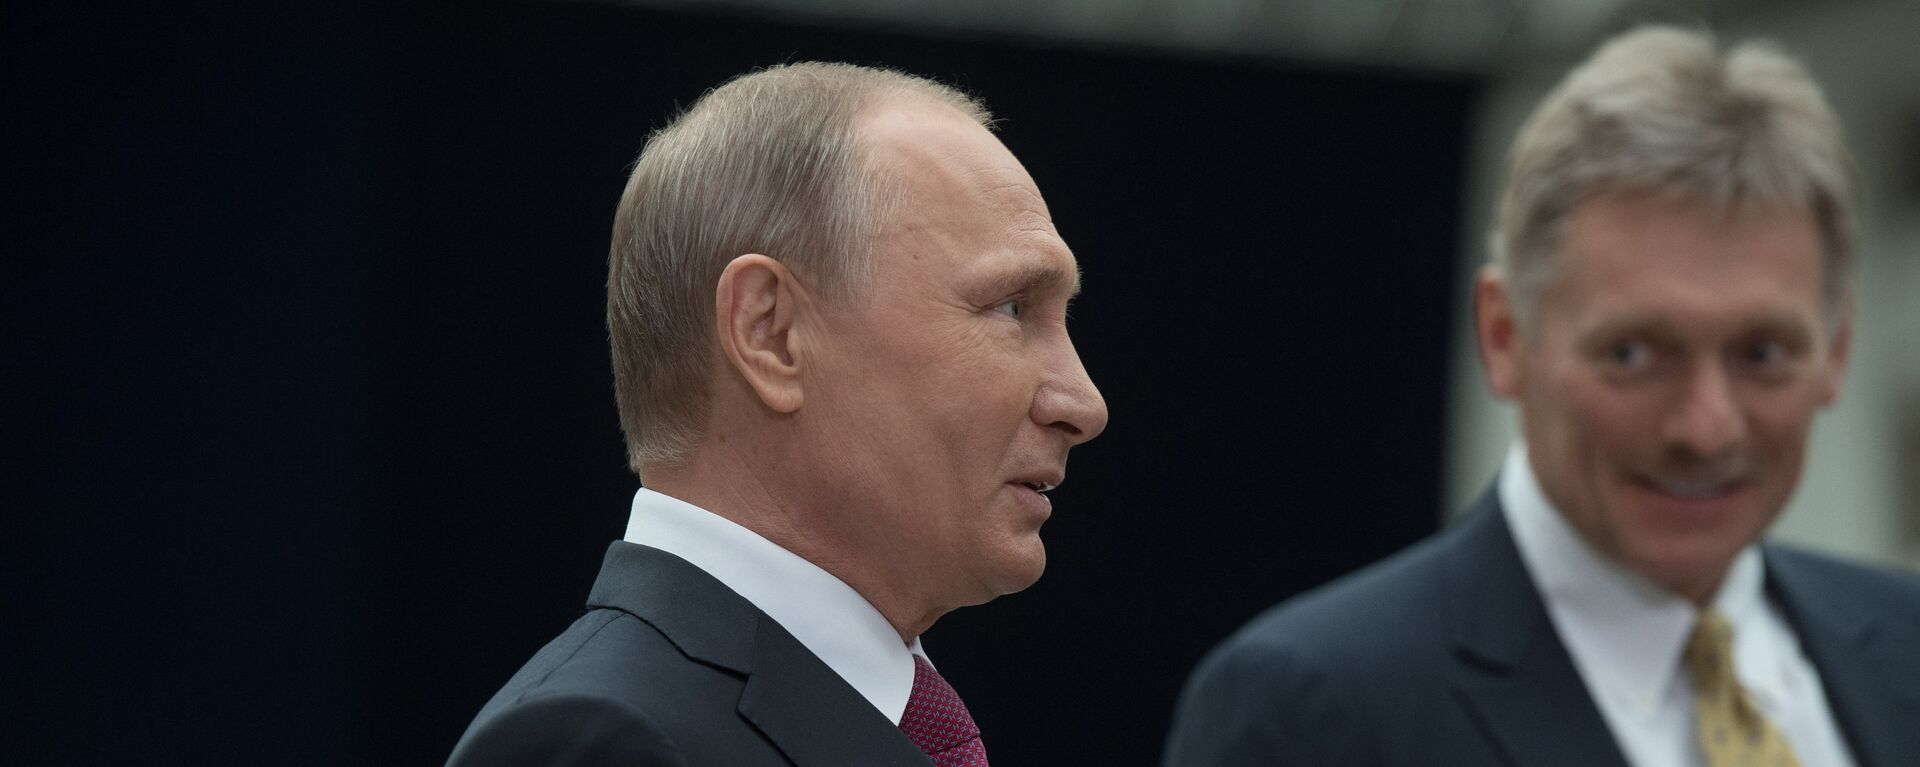 Президент РФ В. Путин ответил на вопросы журналистов - Sputnik Արմենիա, 1920, 15.09.2021